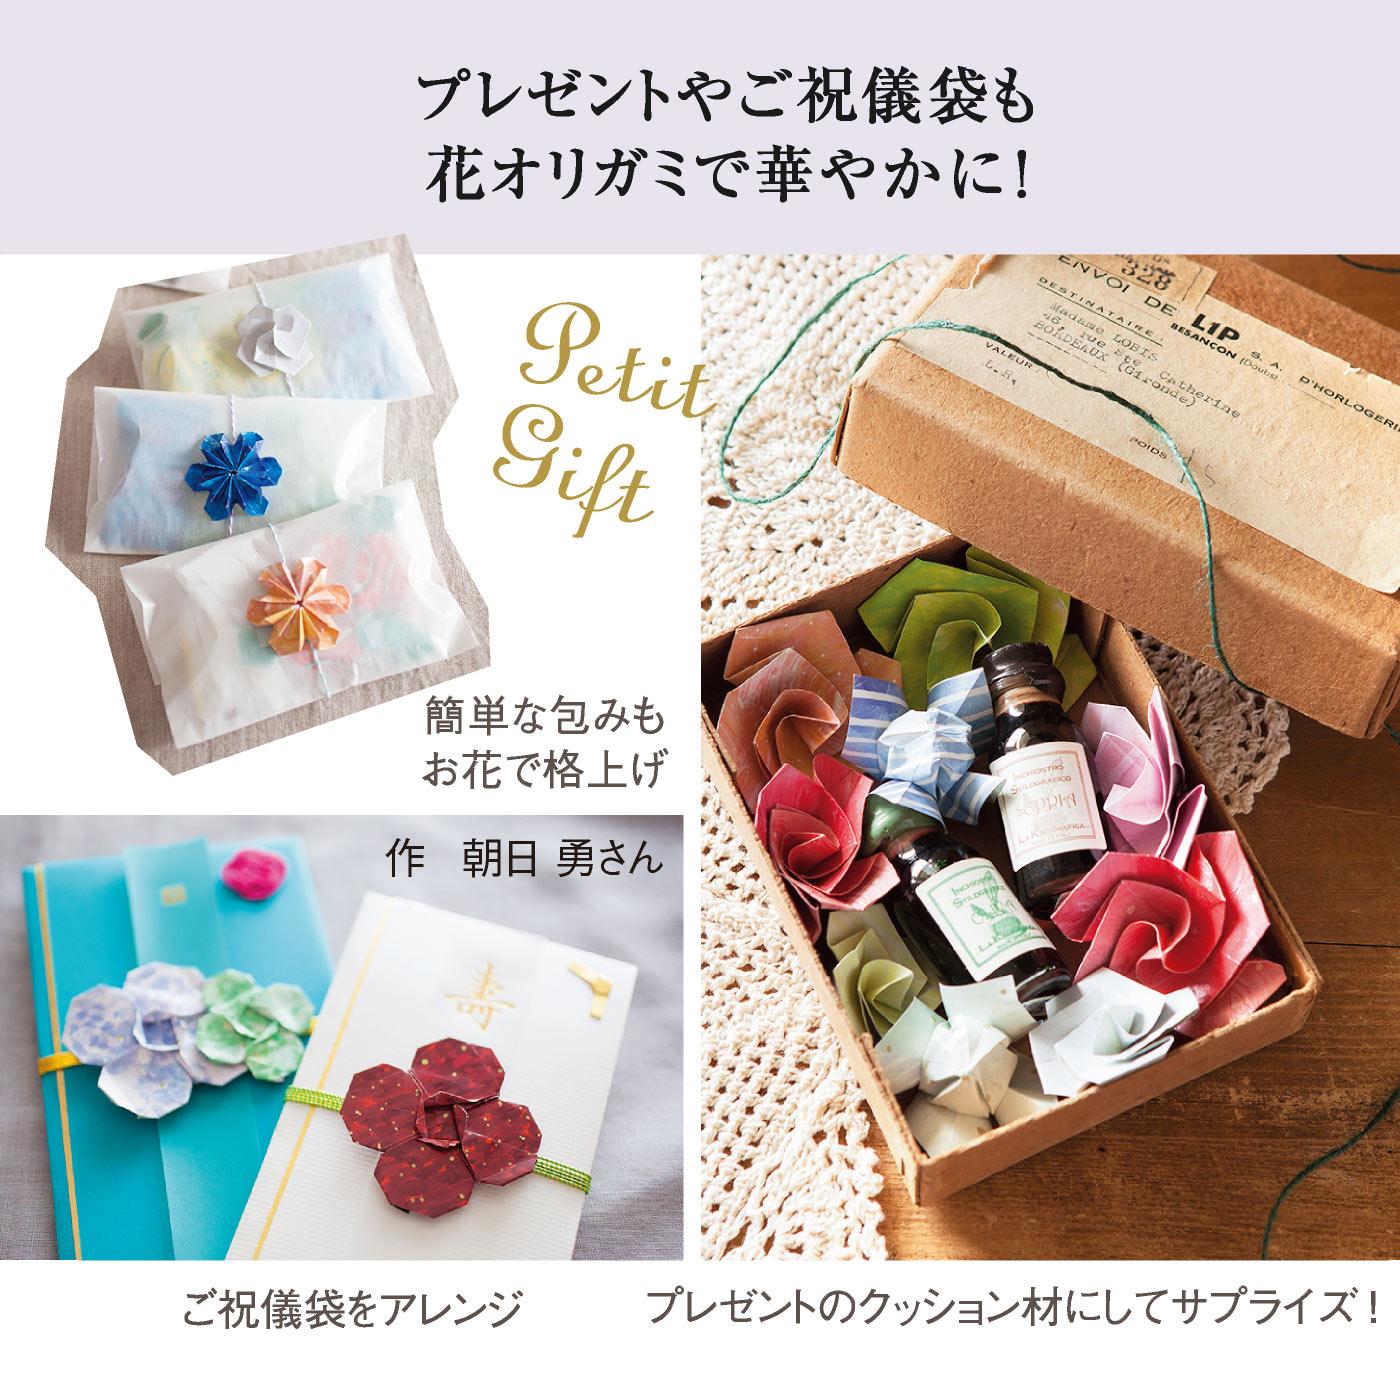 折って使って、さりげなく披露できるのが、花オリガミの魅力。※イメージ写真に含まれる小物はセット内容に含まれません。